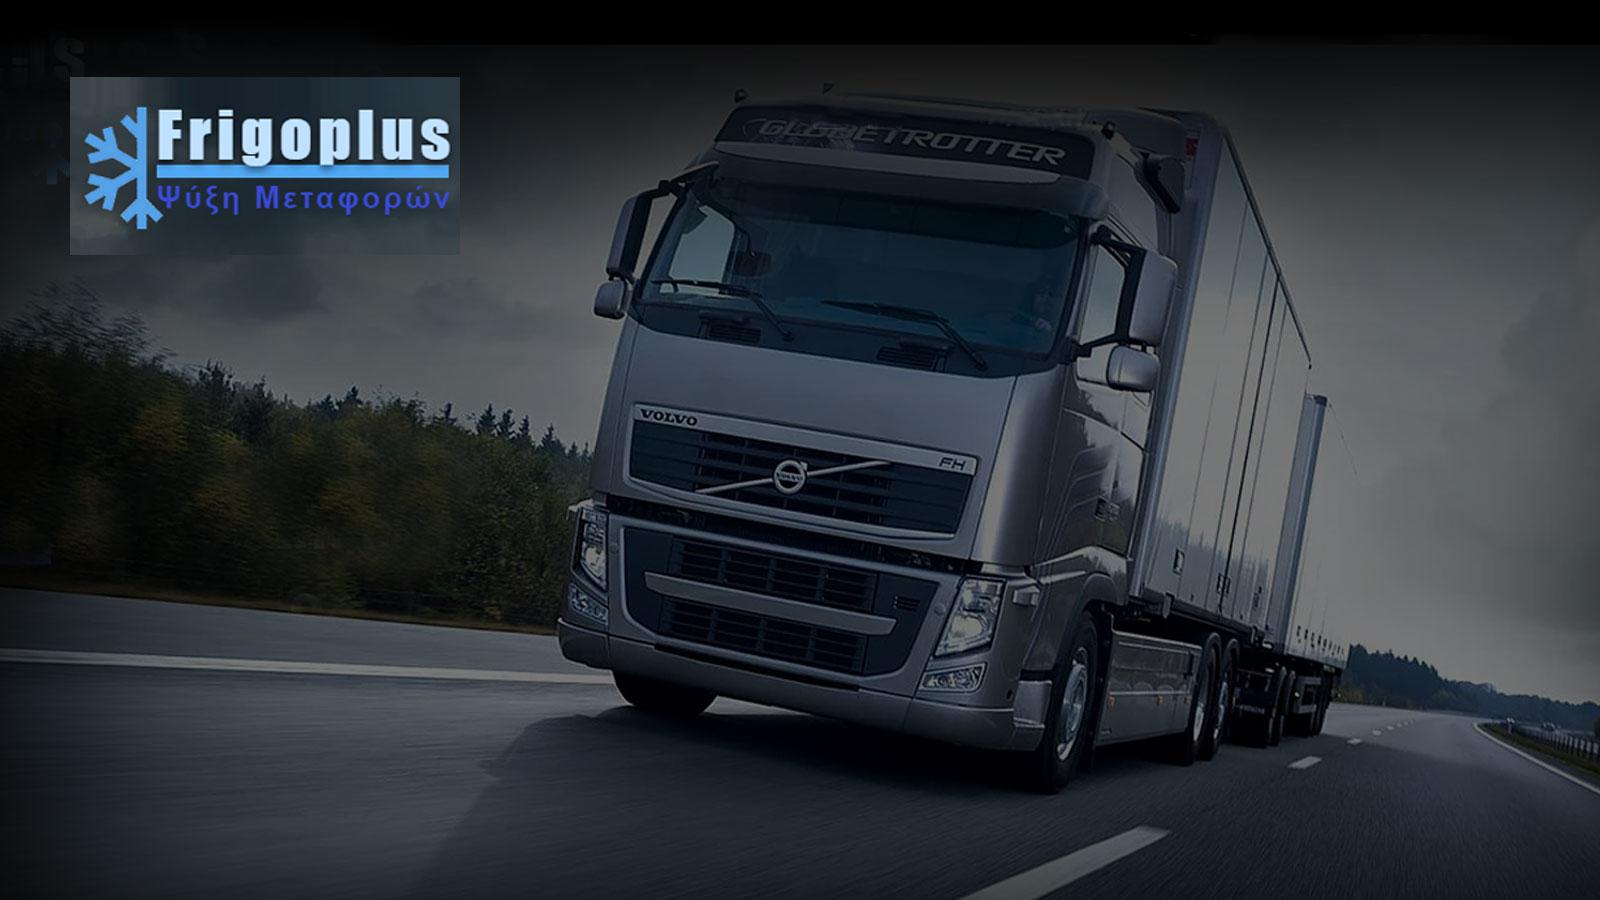 Στην FrigoPlus επισκευάζουν και συντηρούν όλο τον ψυκτικό εξοπλισμό σε μικρά VAN διανομών, σε μεγάλα φορτηγά και Trailer, με απλά, υβριδικά, σύνθετα και συστήματα ψύξης πολλαπλών θερμοκρασιών.